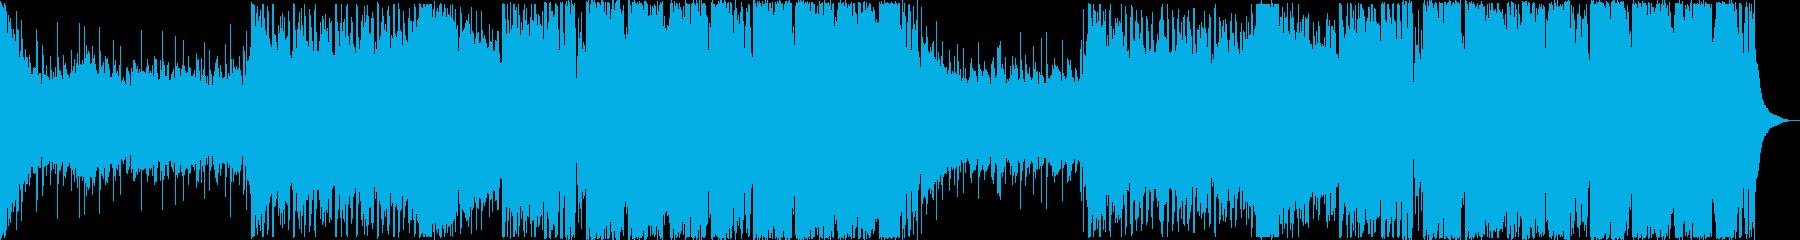 スピード感のあるキャッチーなEDMの再生済みの波形